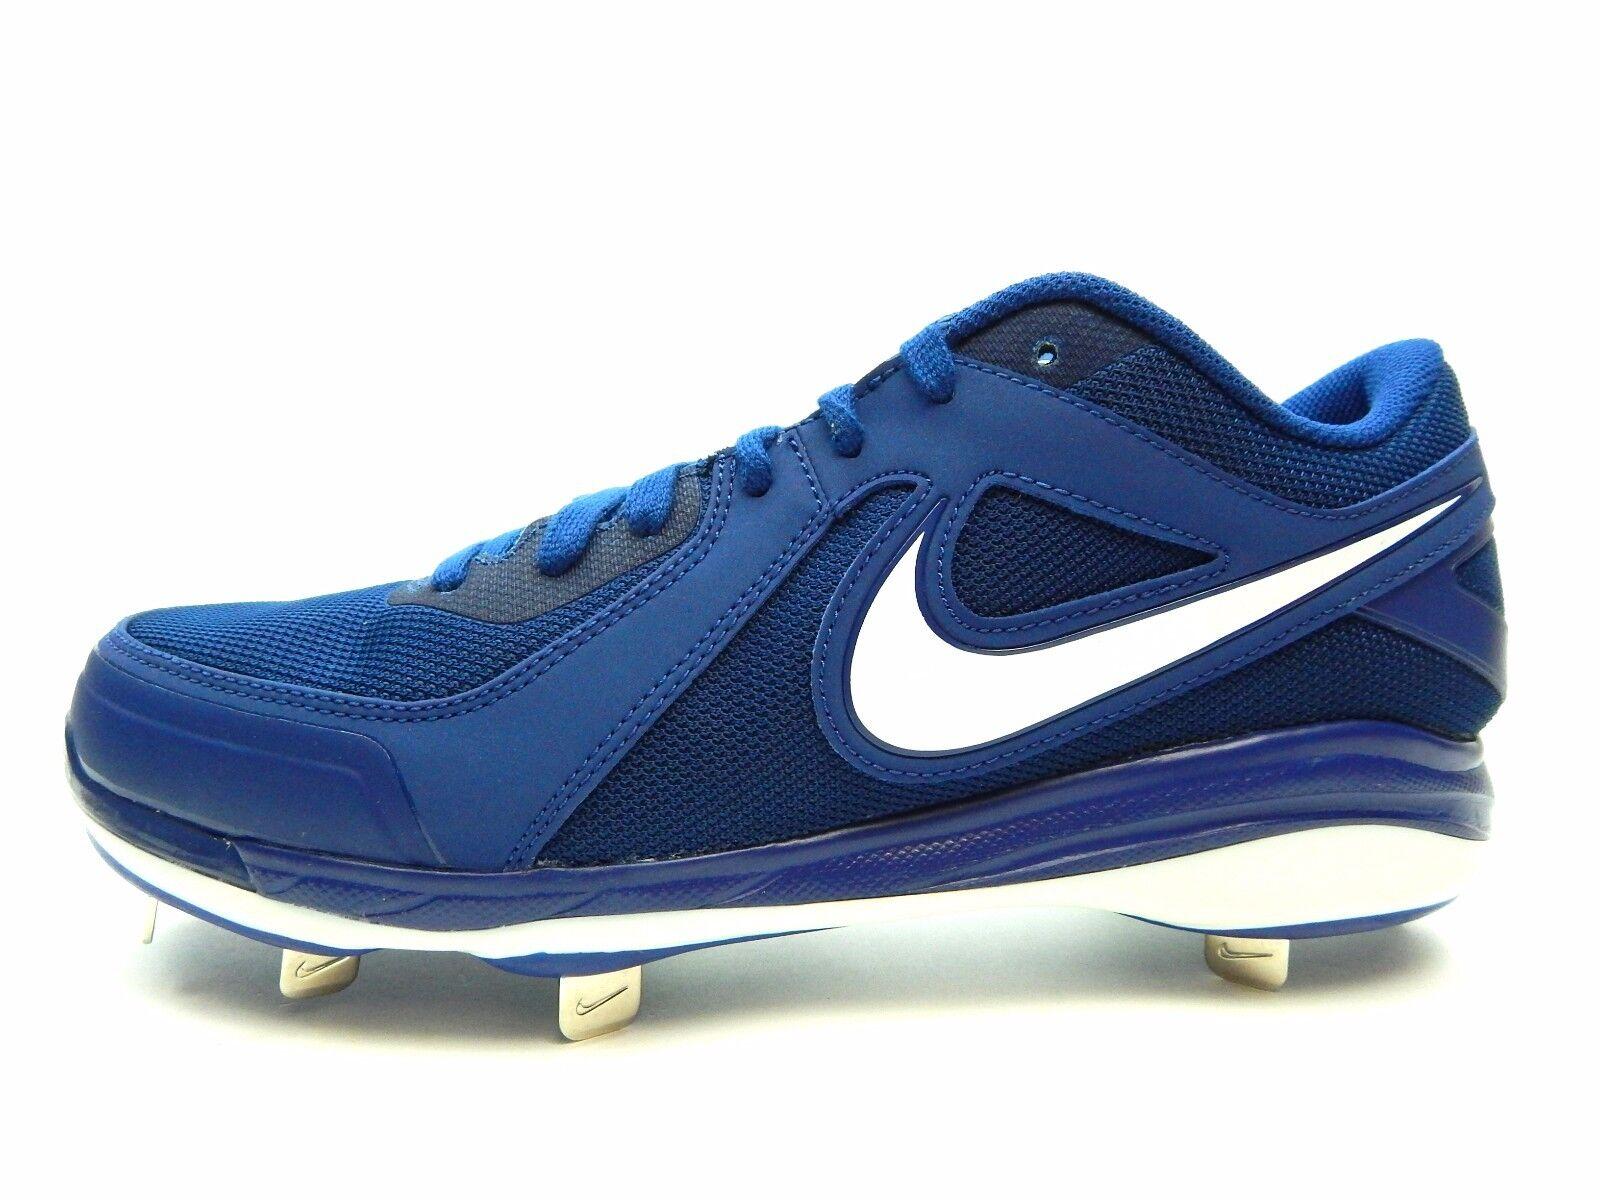 a790d0ba38c ... Nike Air MVP Pro Metal 524641 412 ROYAL ROYAL ROYAL WHITE MEN Baseball  SIZE 10